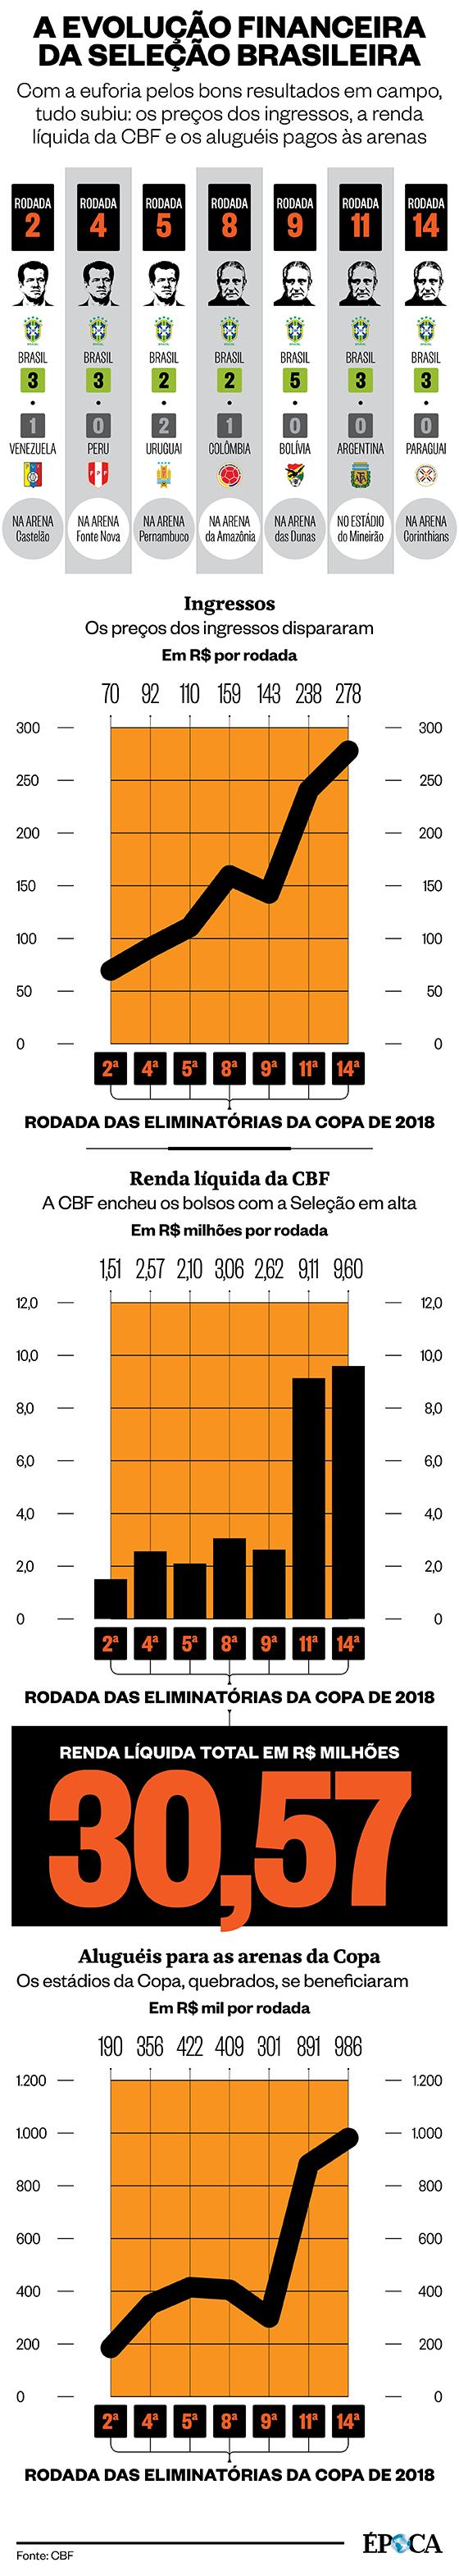 A evolução financeira da seleção brasileira (Foto: Época)